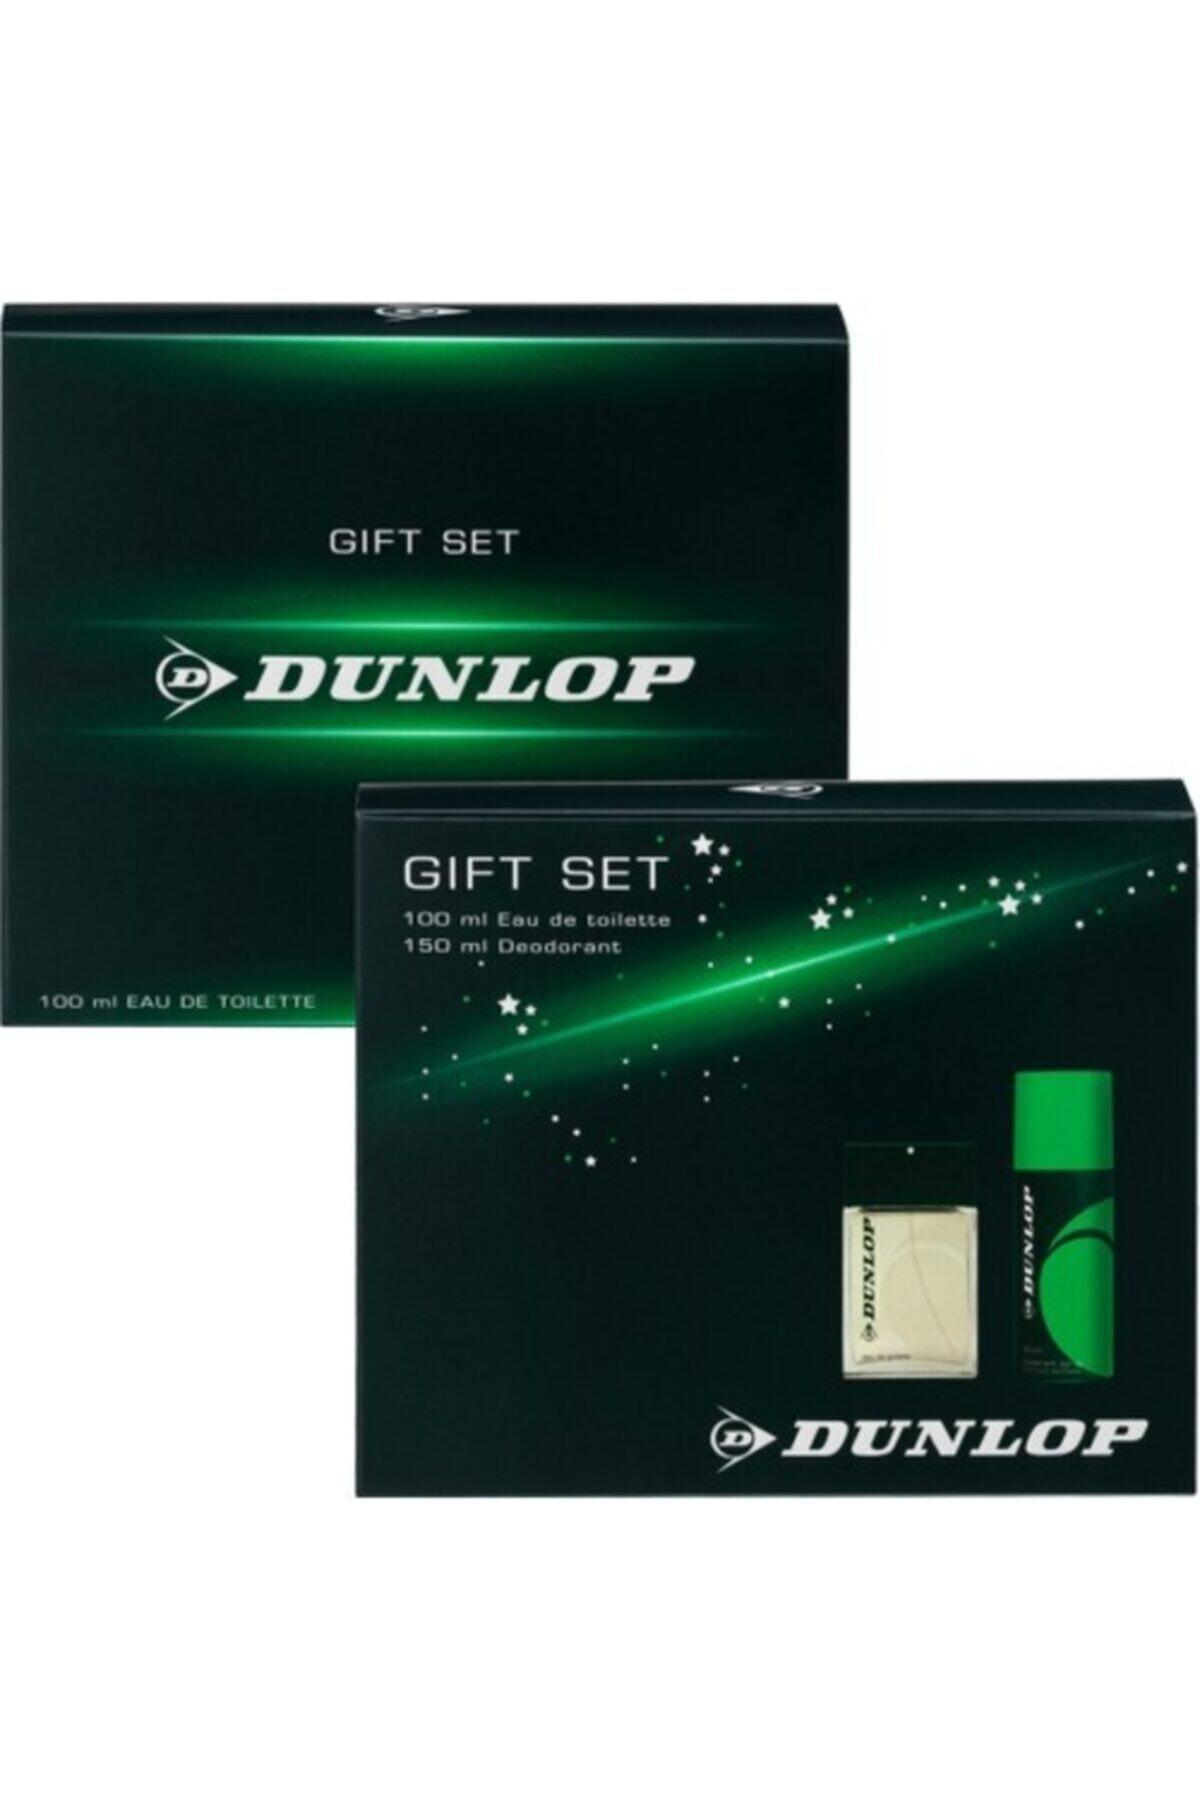 DUNLOP Set Klasik Yeşil 100ml Edt+150ml Deo Hediyeli Erkek Parfüm Seti  8690587202304 1